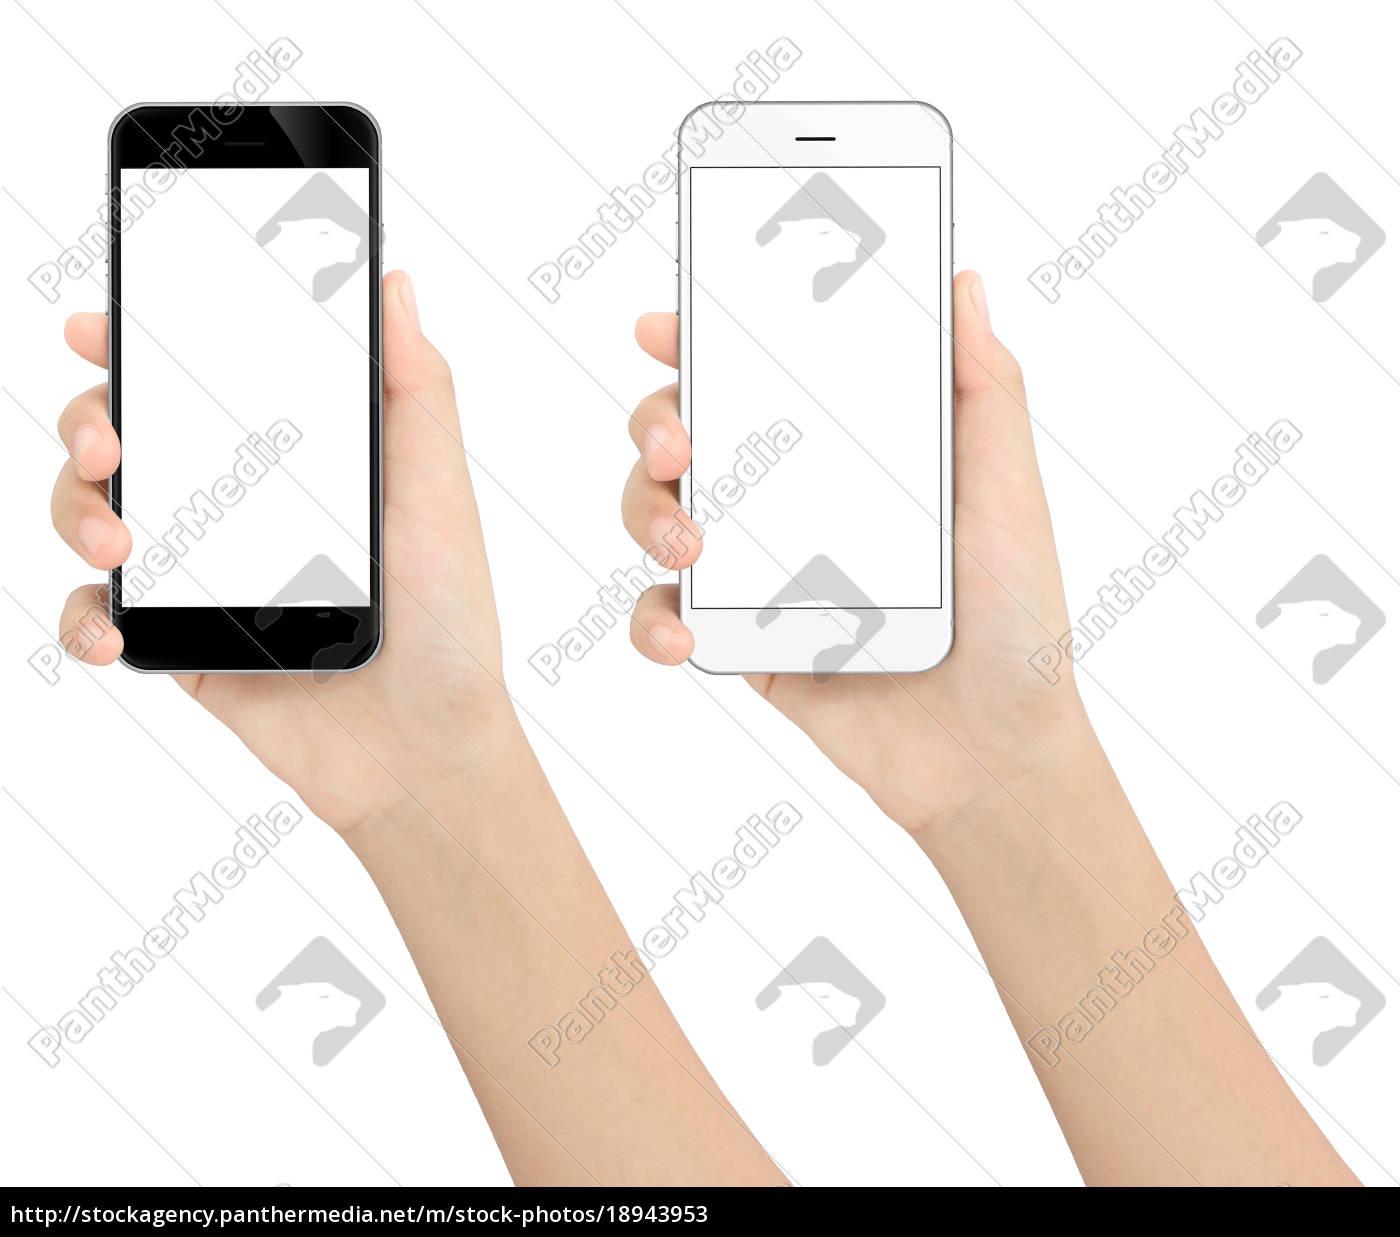 mano, sosteniendo, teléfono, blanco, y, negro - 18943953